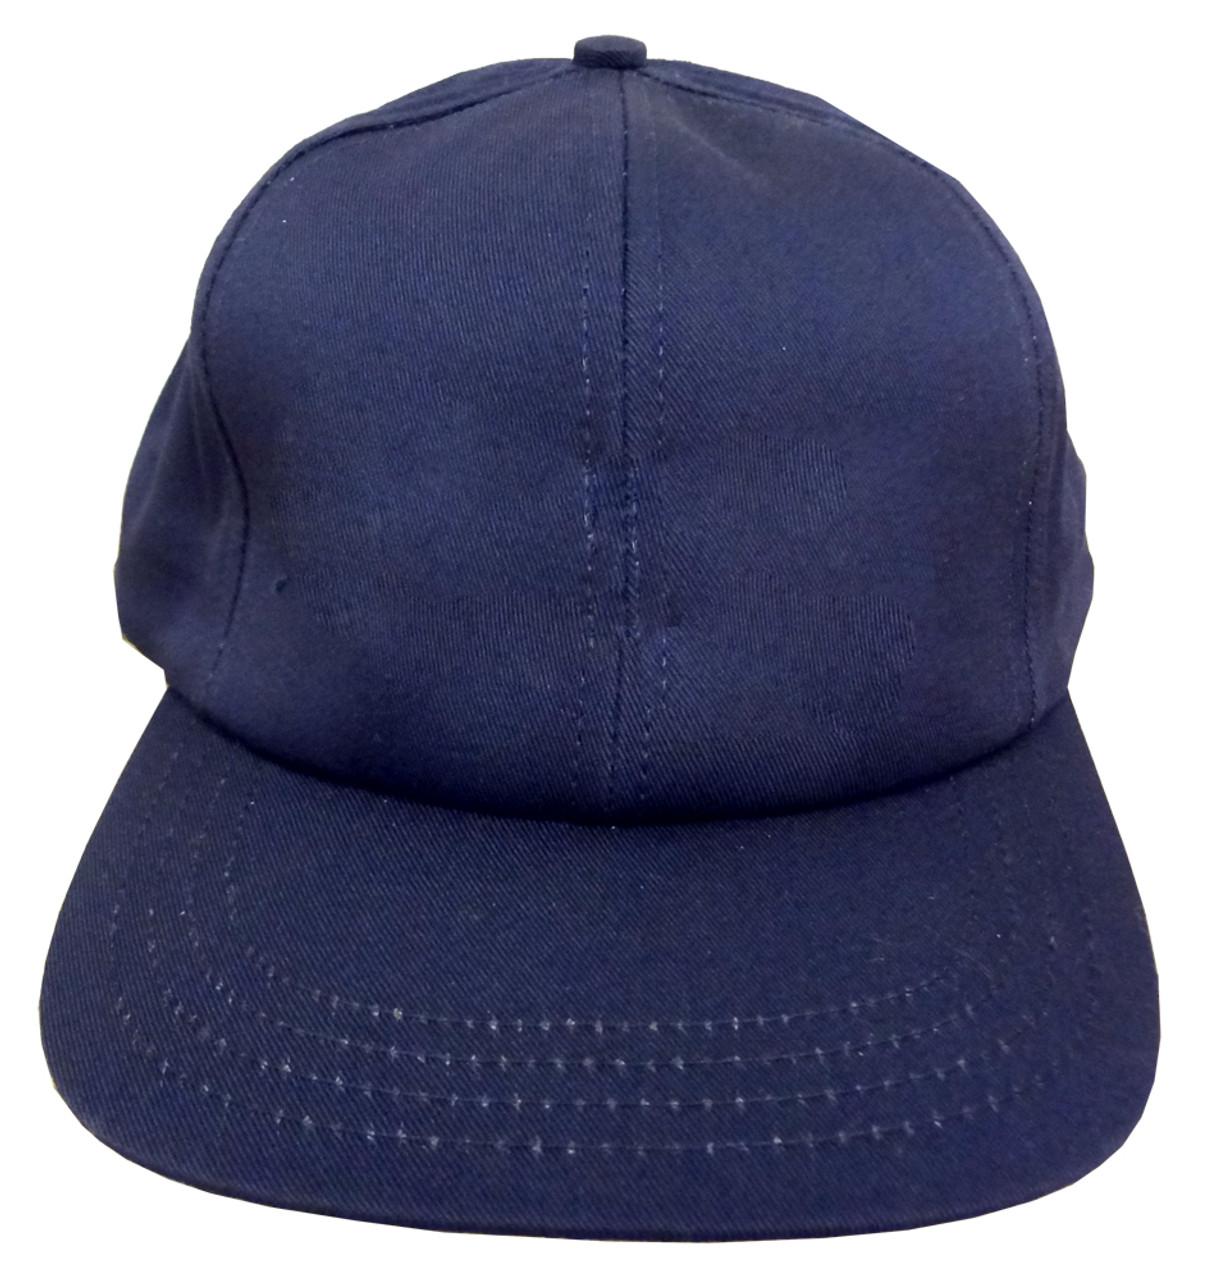 7d90e4b52cf3f6 Plain 6 Panel Unstructured Baseball Cap (Navy)